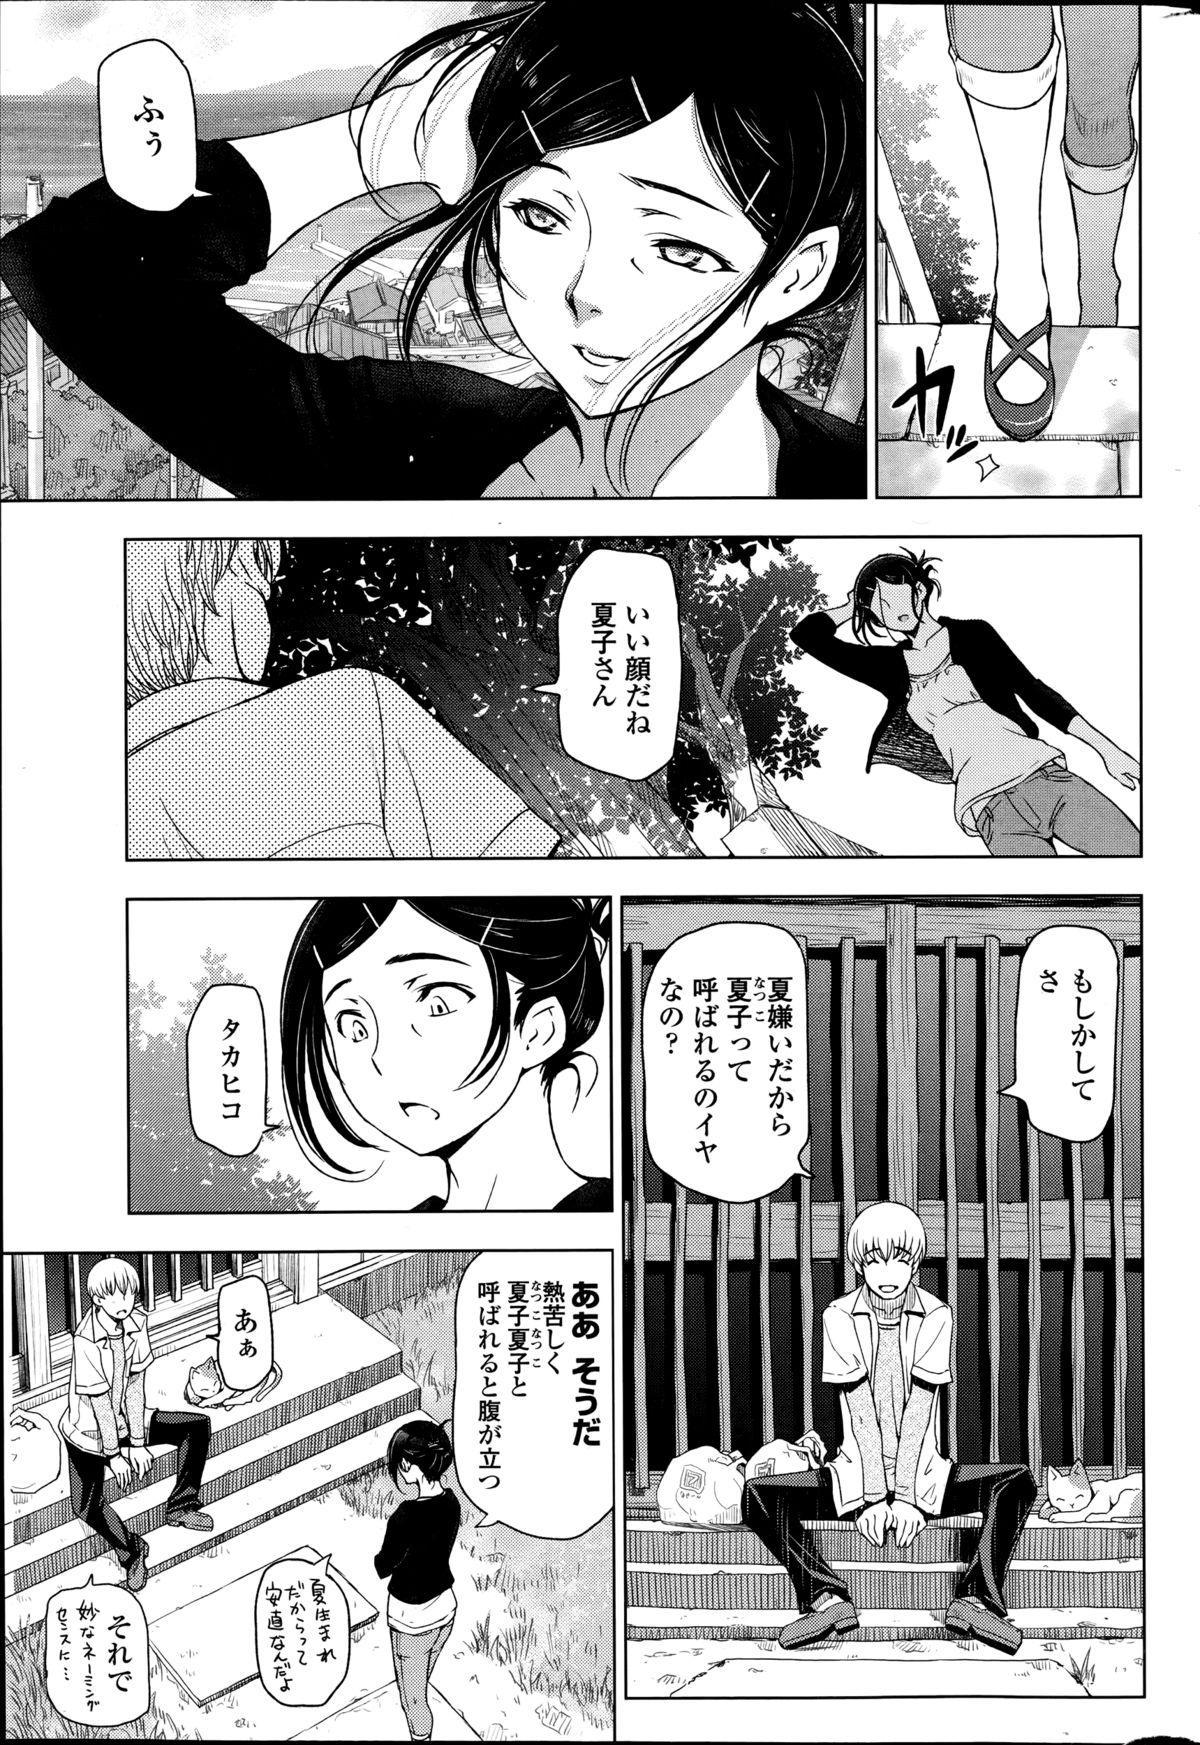 Natsu jiru + extra 120